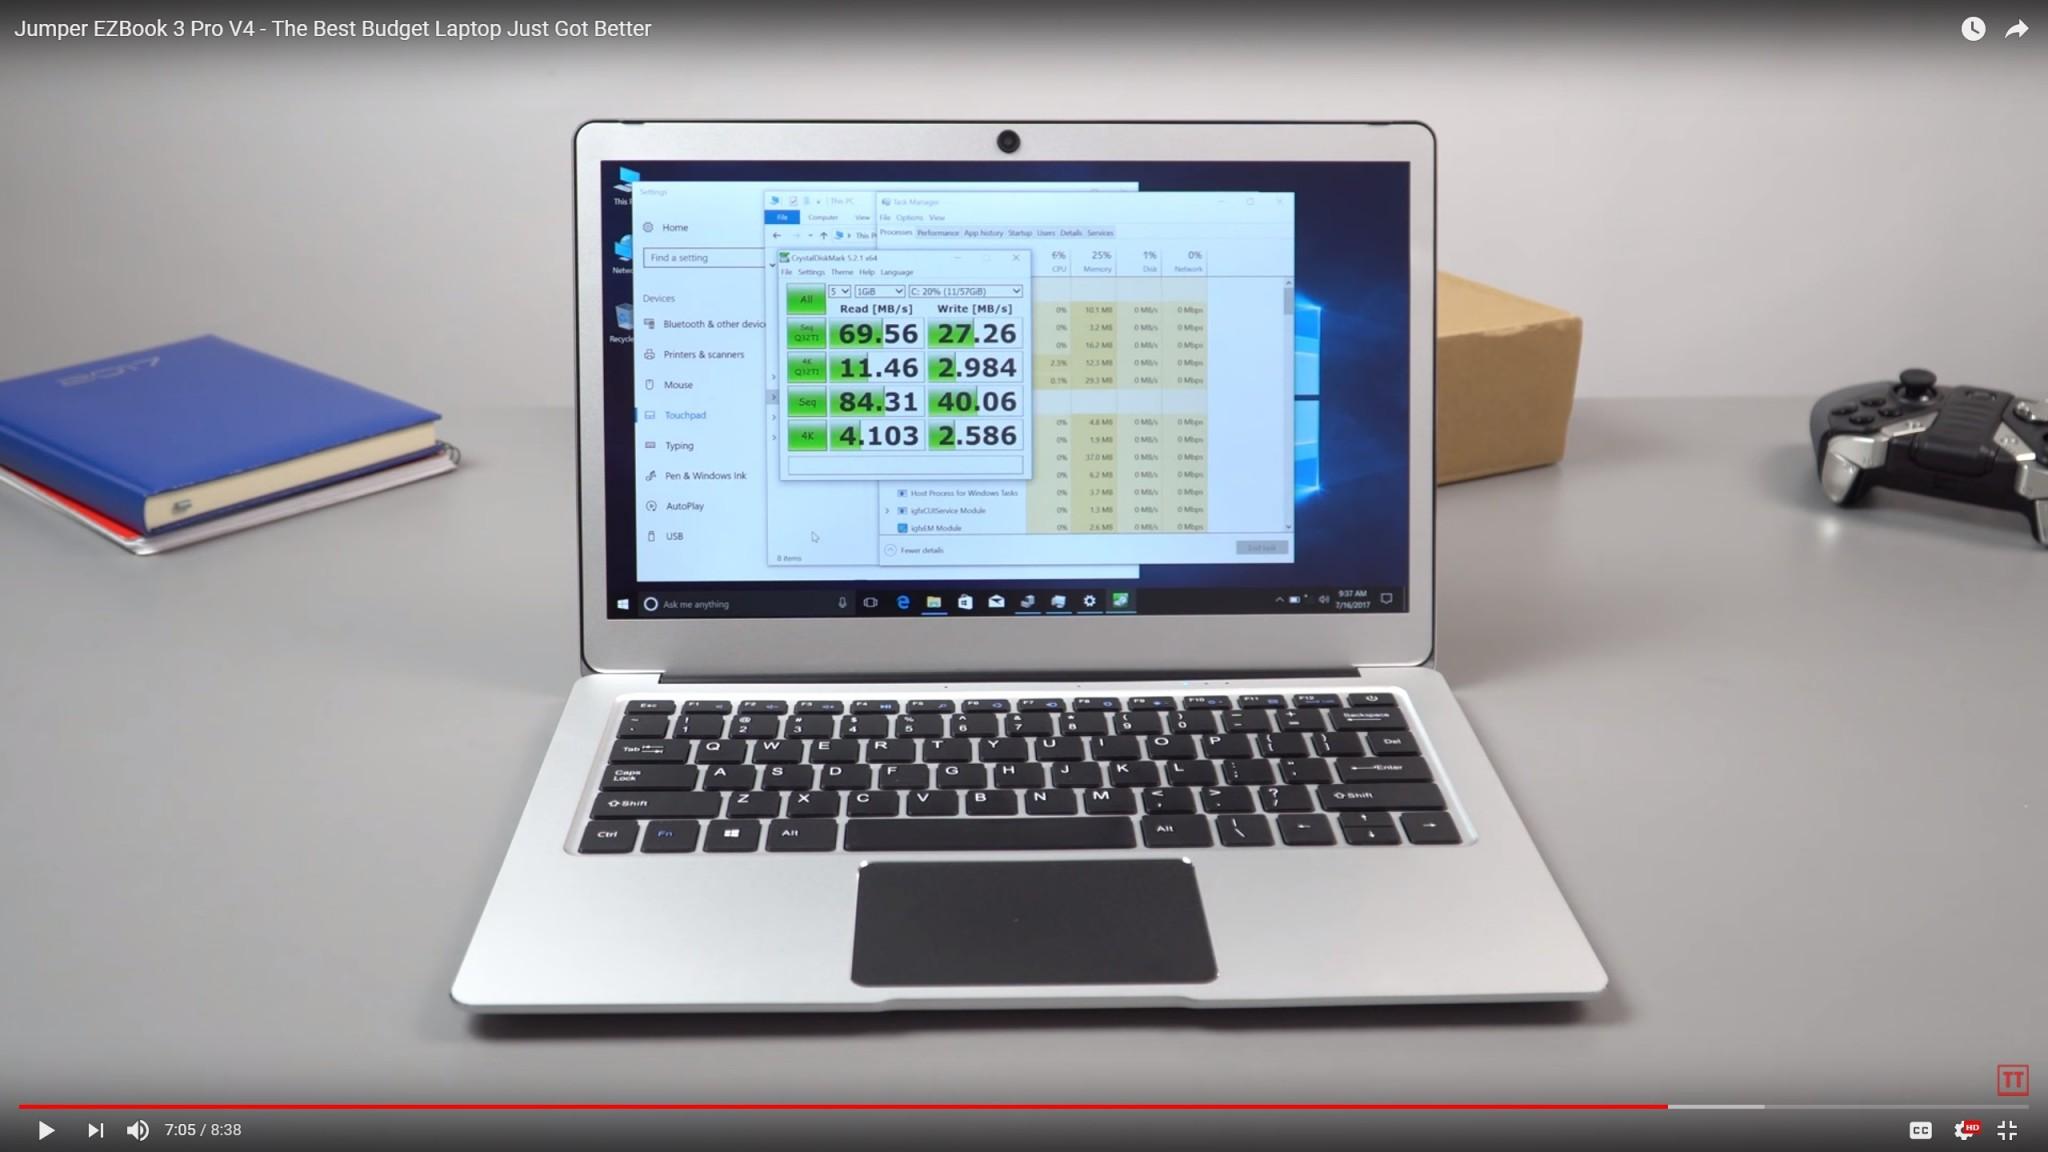 Top 3 Fan Less Budget Laptops Of 2017 Intel Apollo Lake